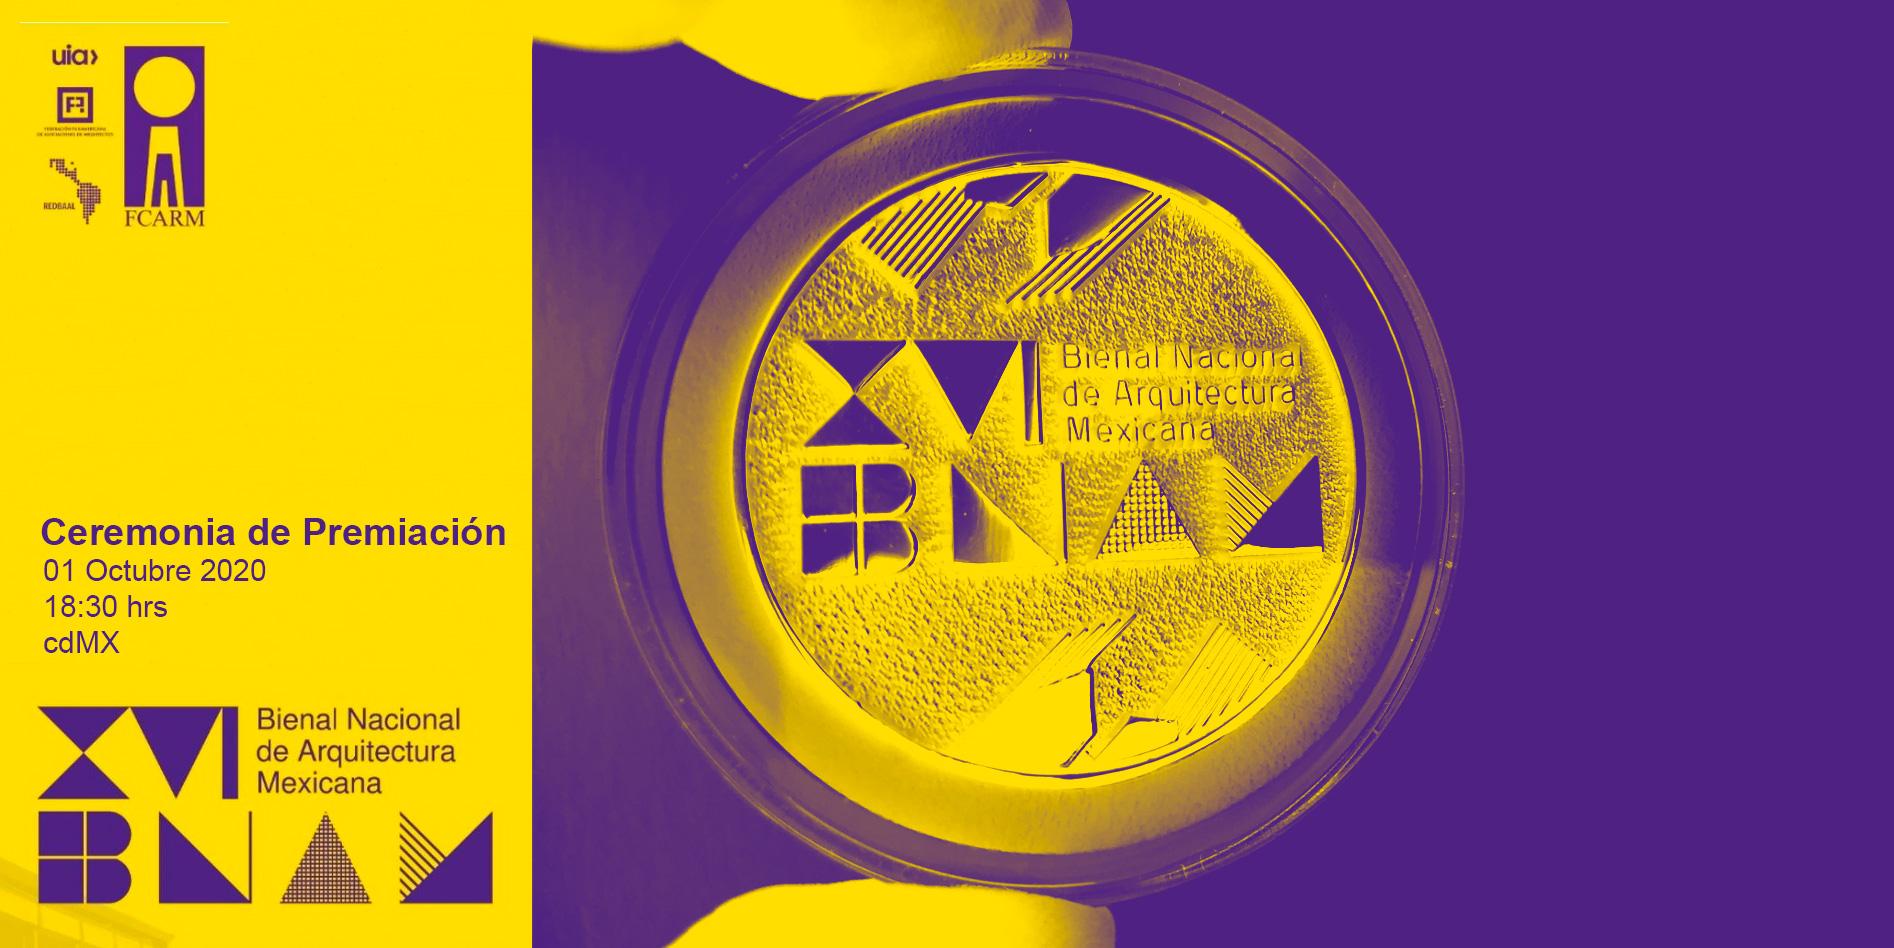 E arquitectos -XVI Bienal Nacional De Arquitectura Mexicana 2020 | Medalla de Plata